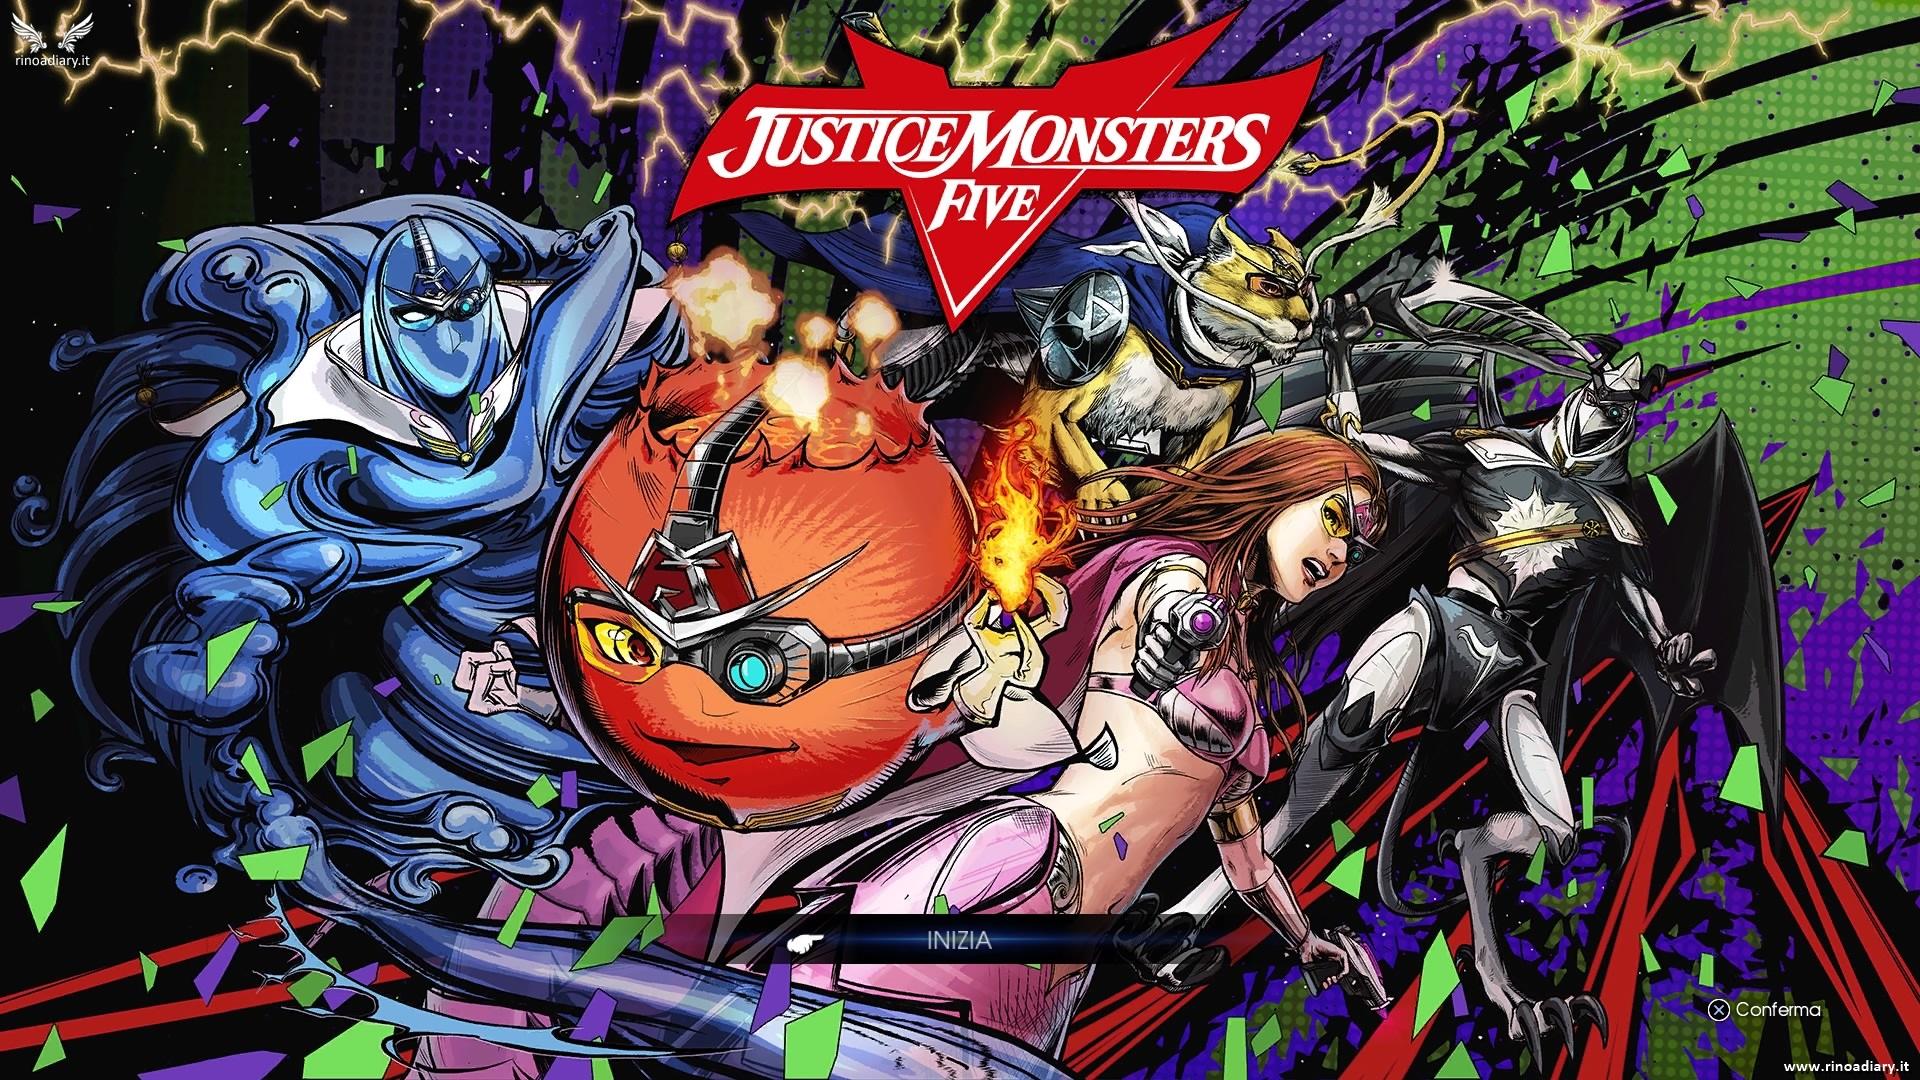 Justice Monsters Five chiude i battenti il 27 Marzo